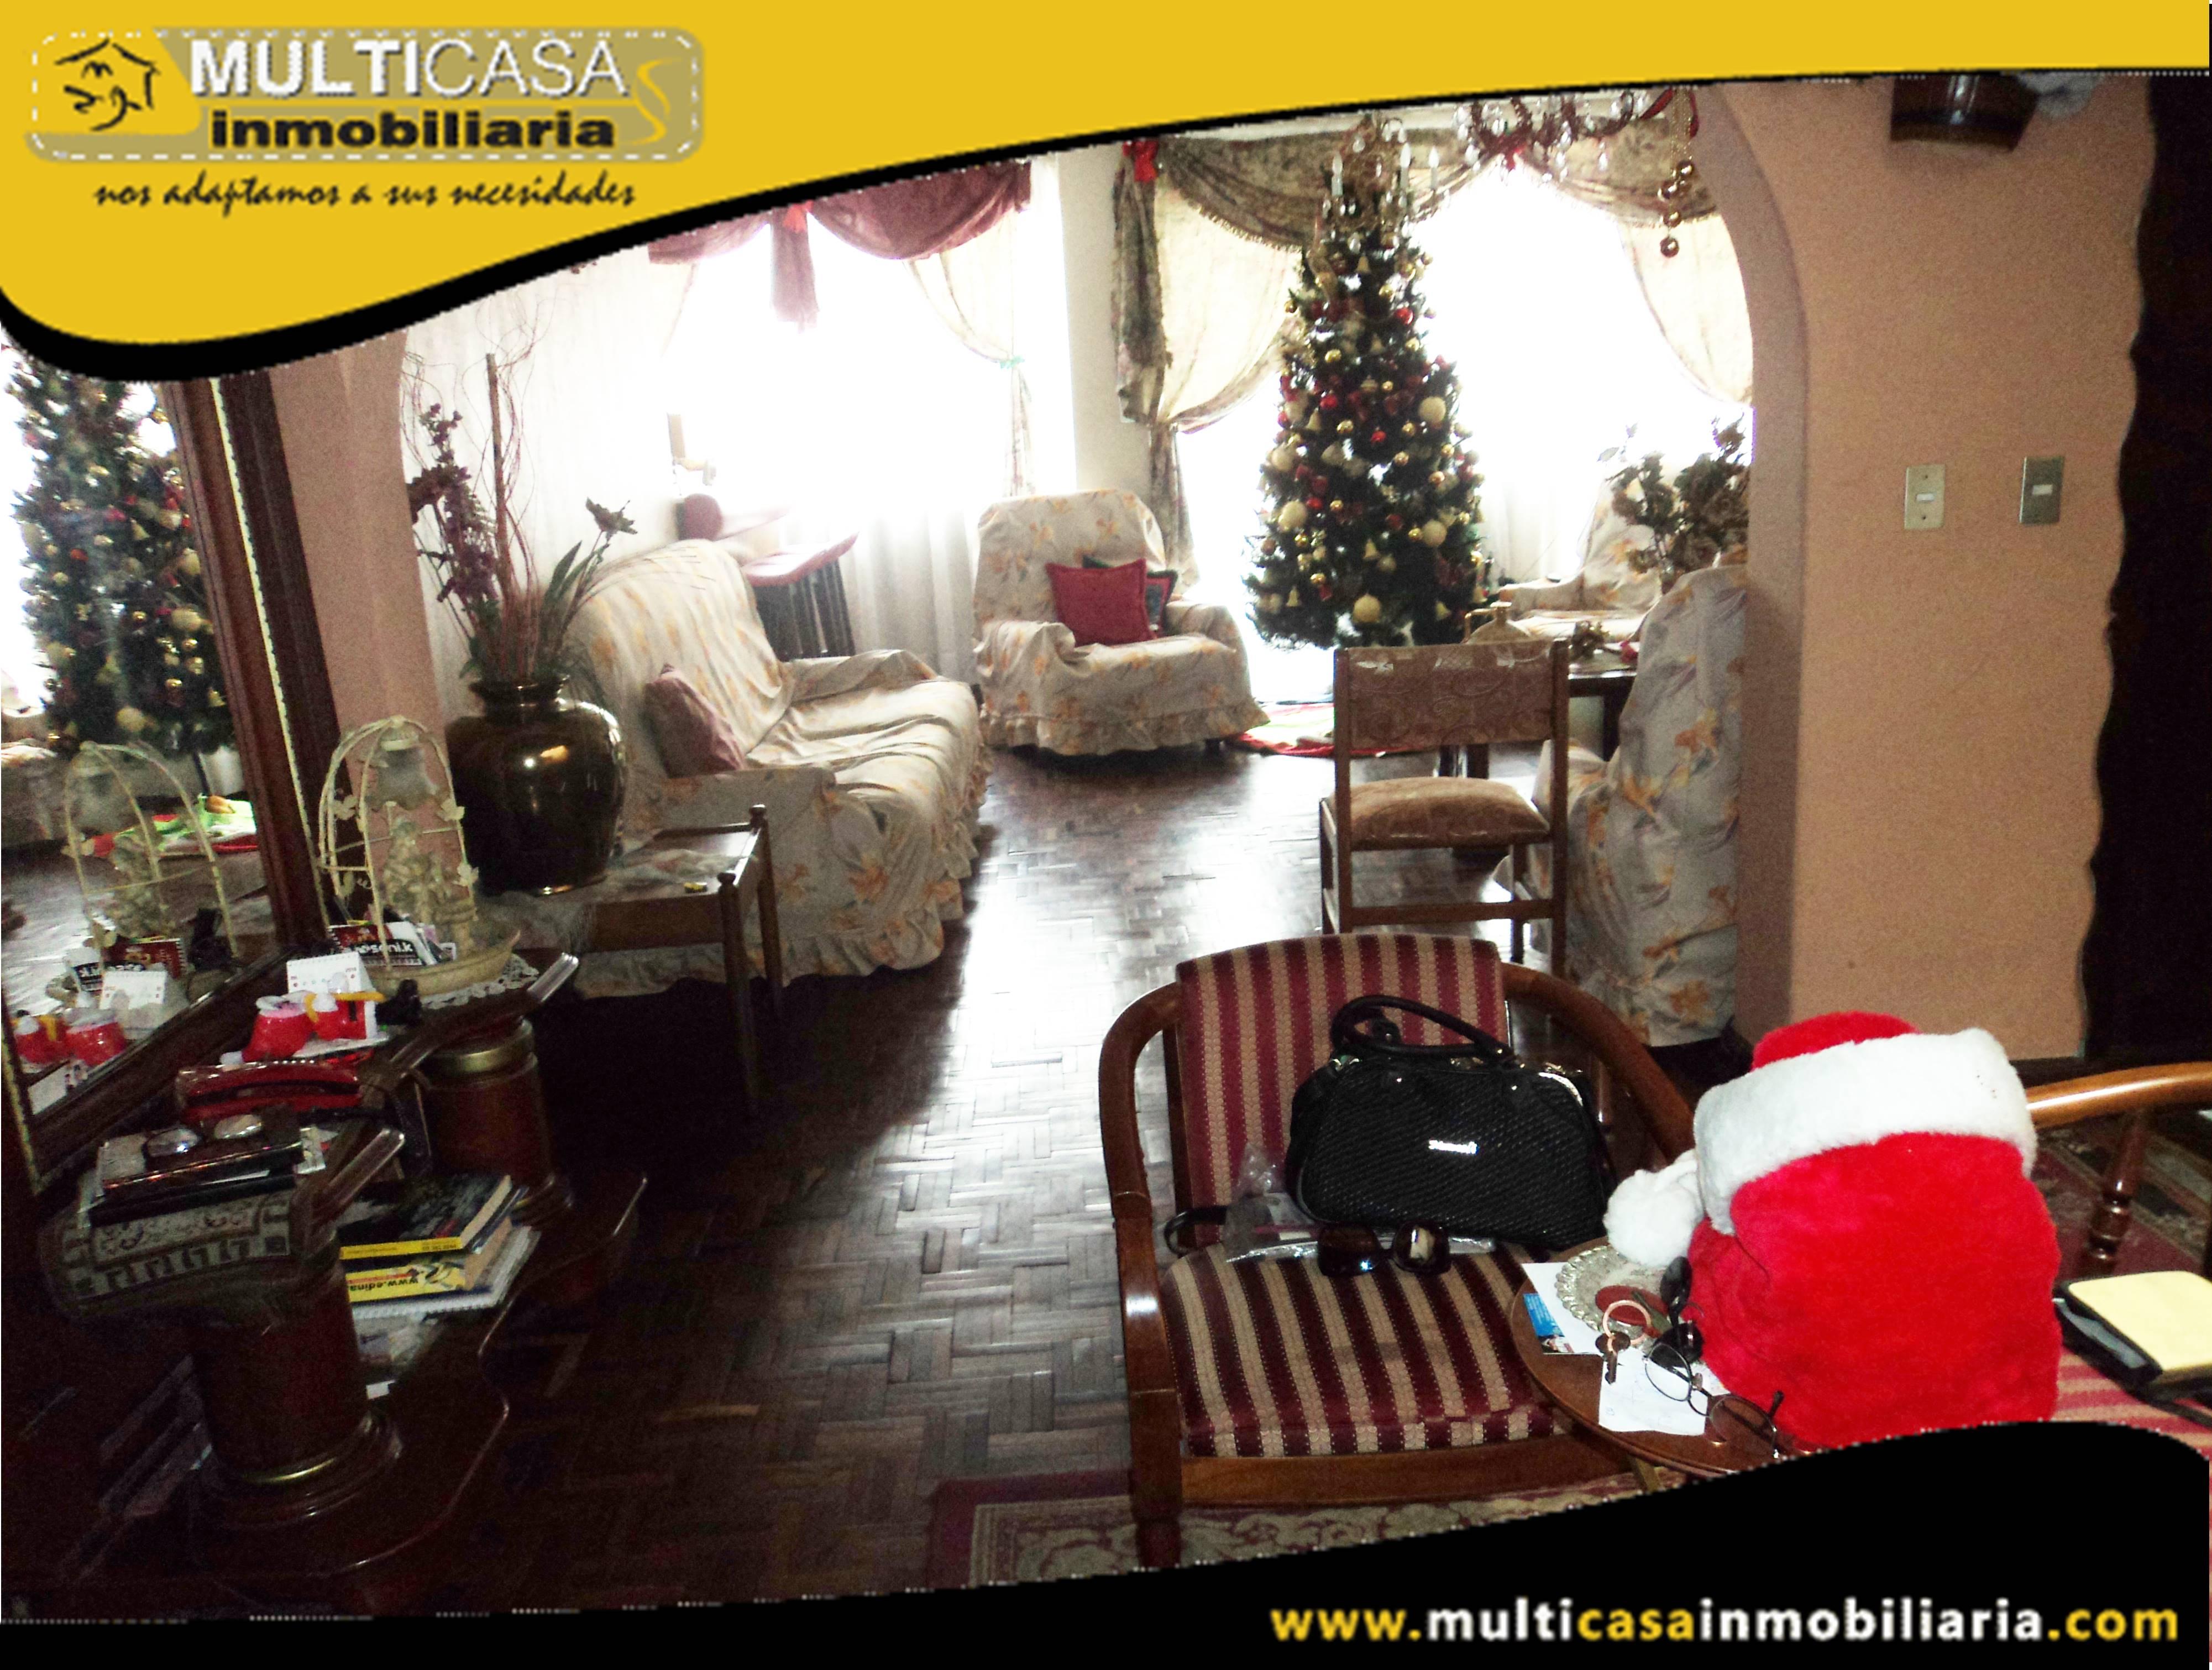 Venta de Hermosa Casa a Credito de Tres Departamentos y Local Comercial Sector Banco Central Cuenca-Ecuador